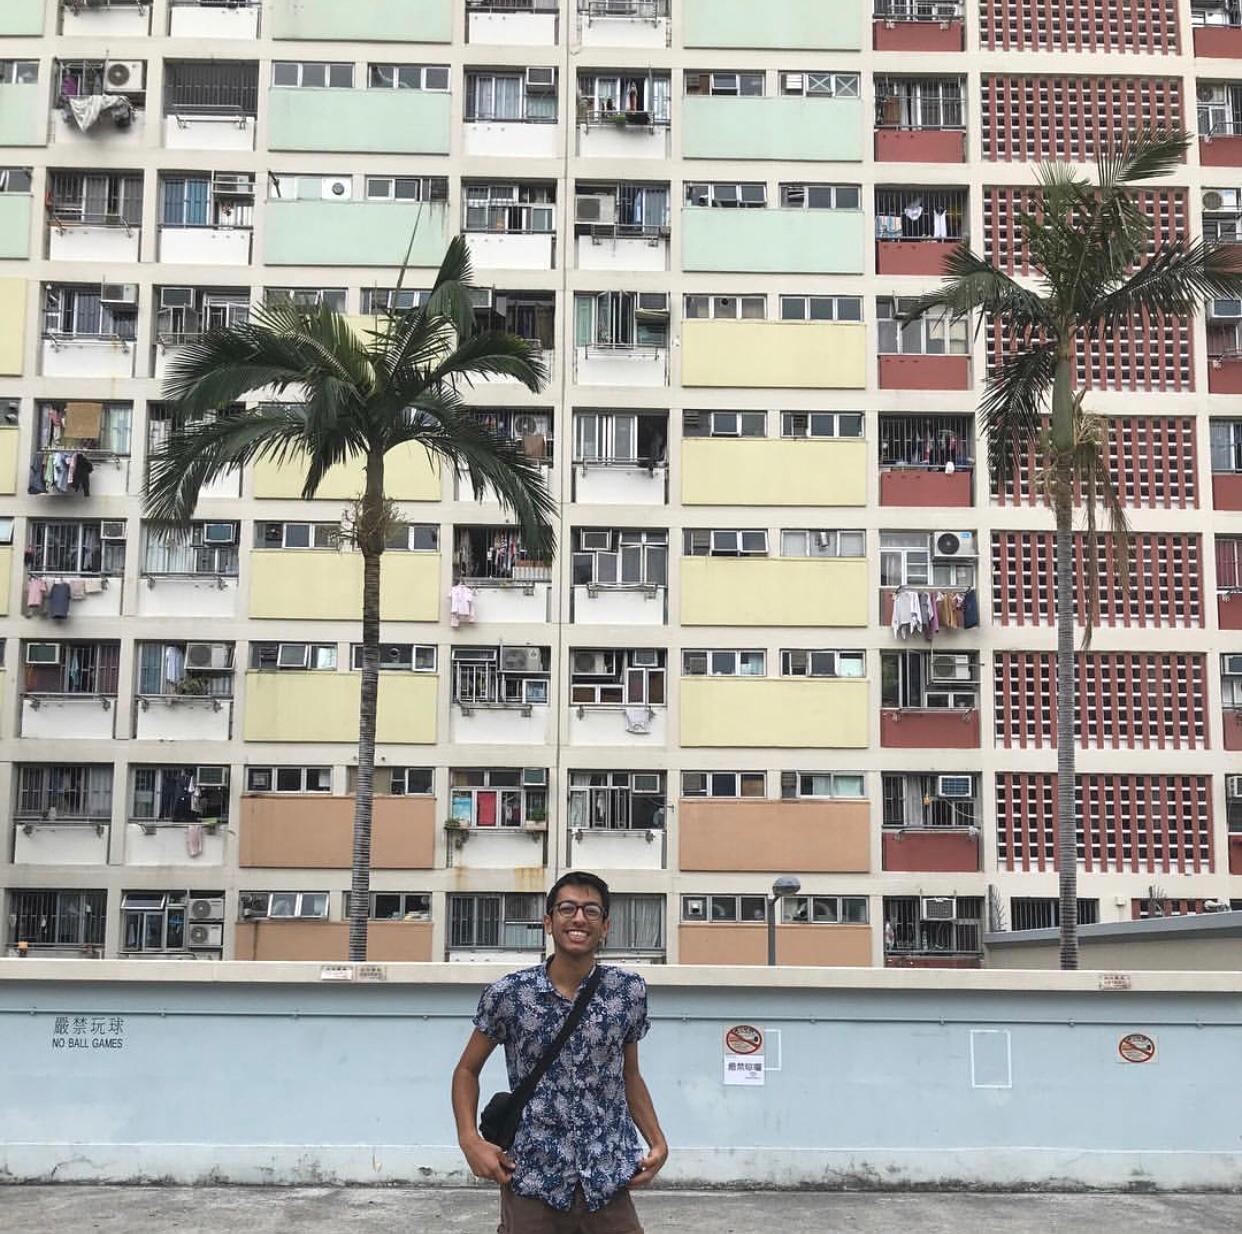 Our student- Saman doing his Spring 2019 at Hong Kong